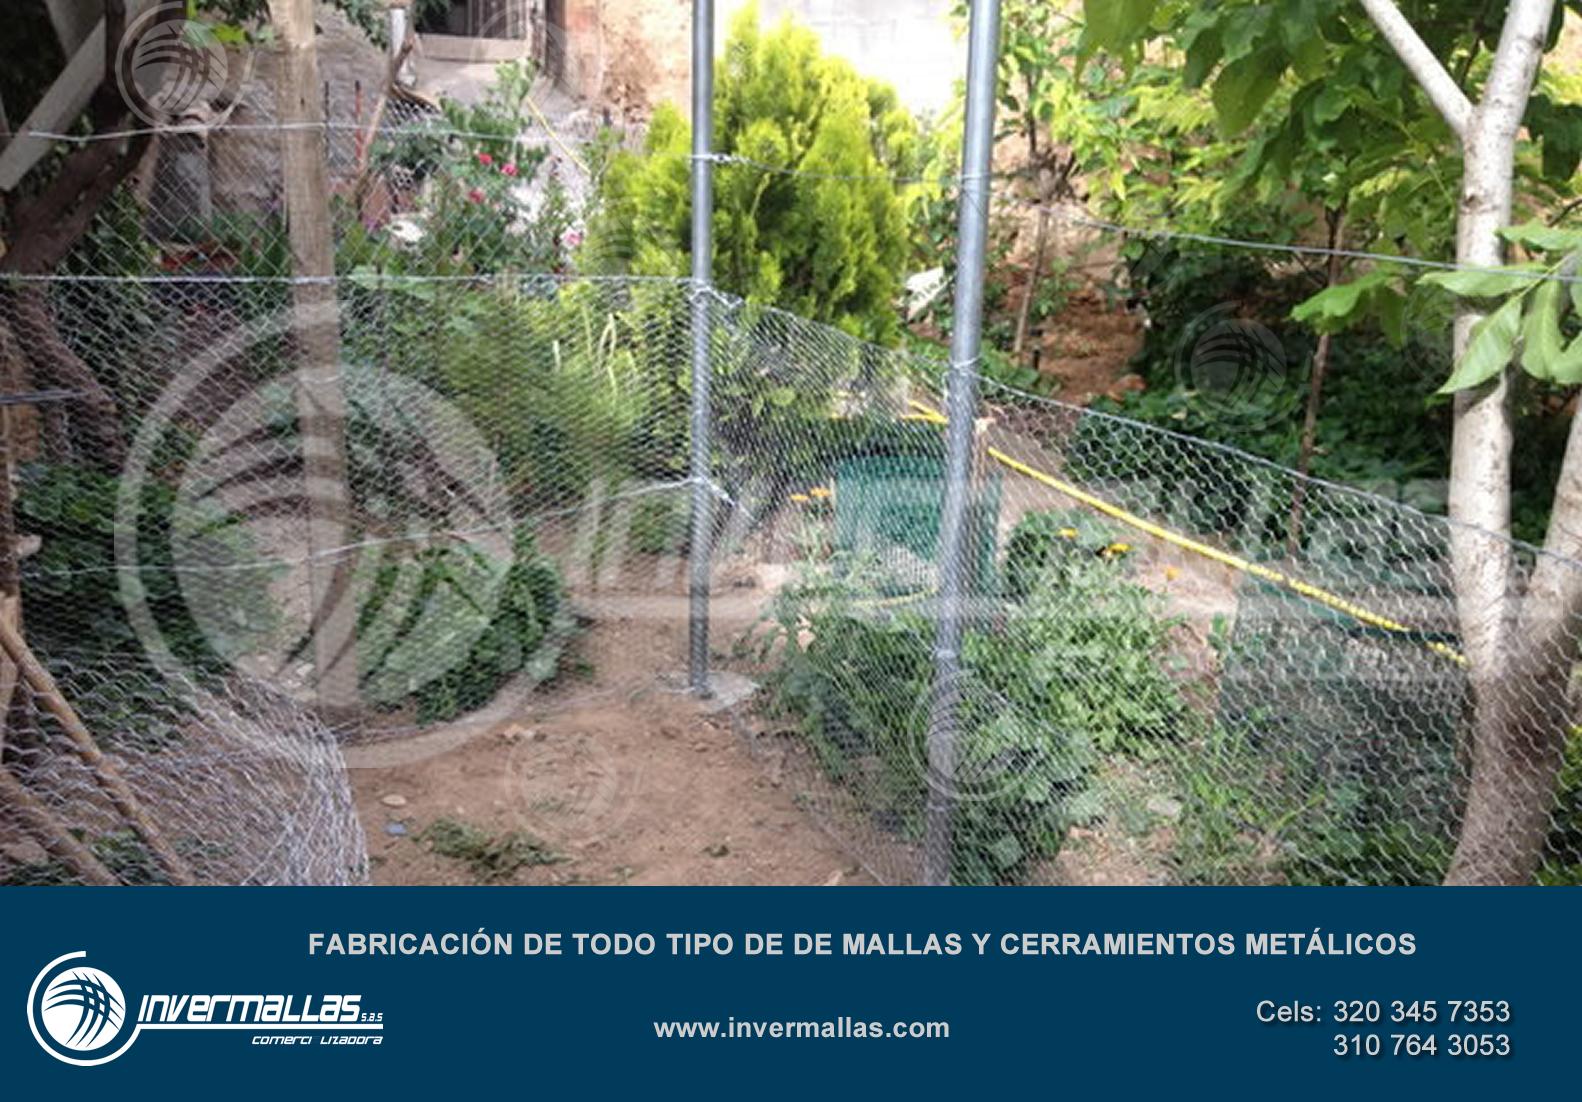 Malla gallinero (Hexogonal)